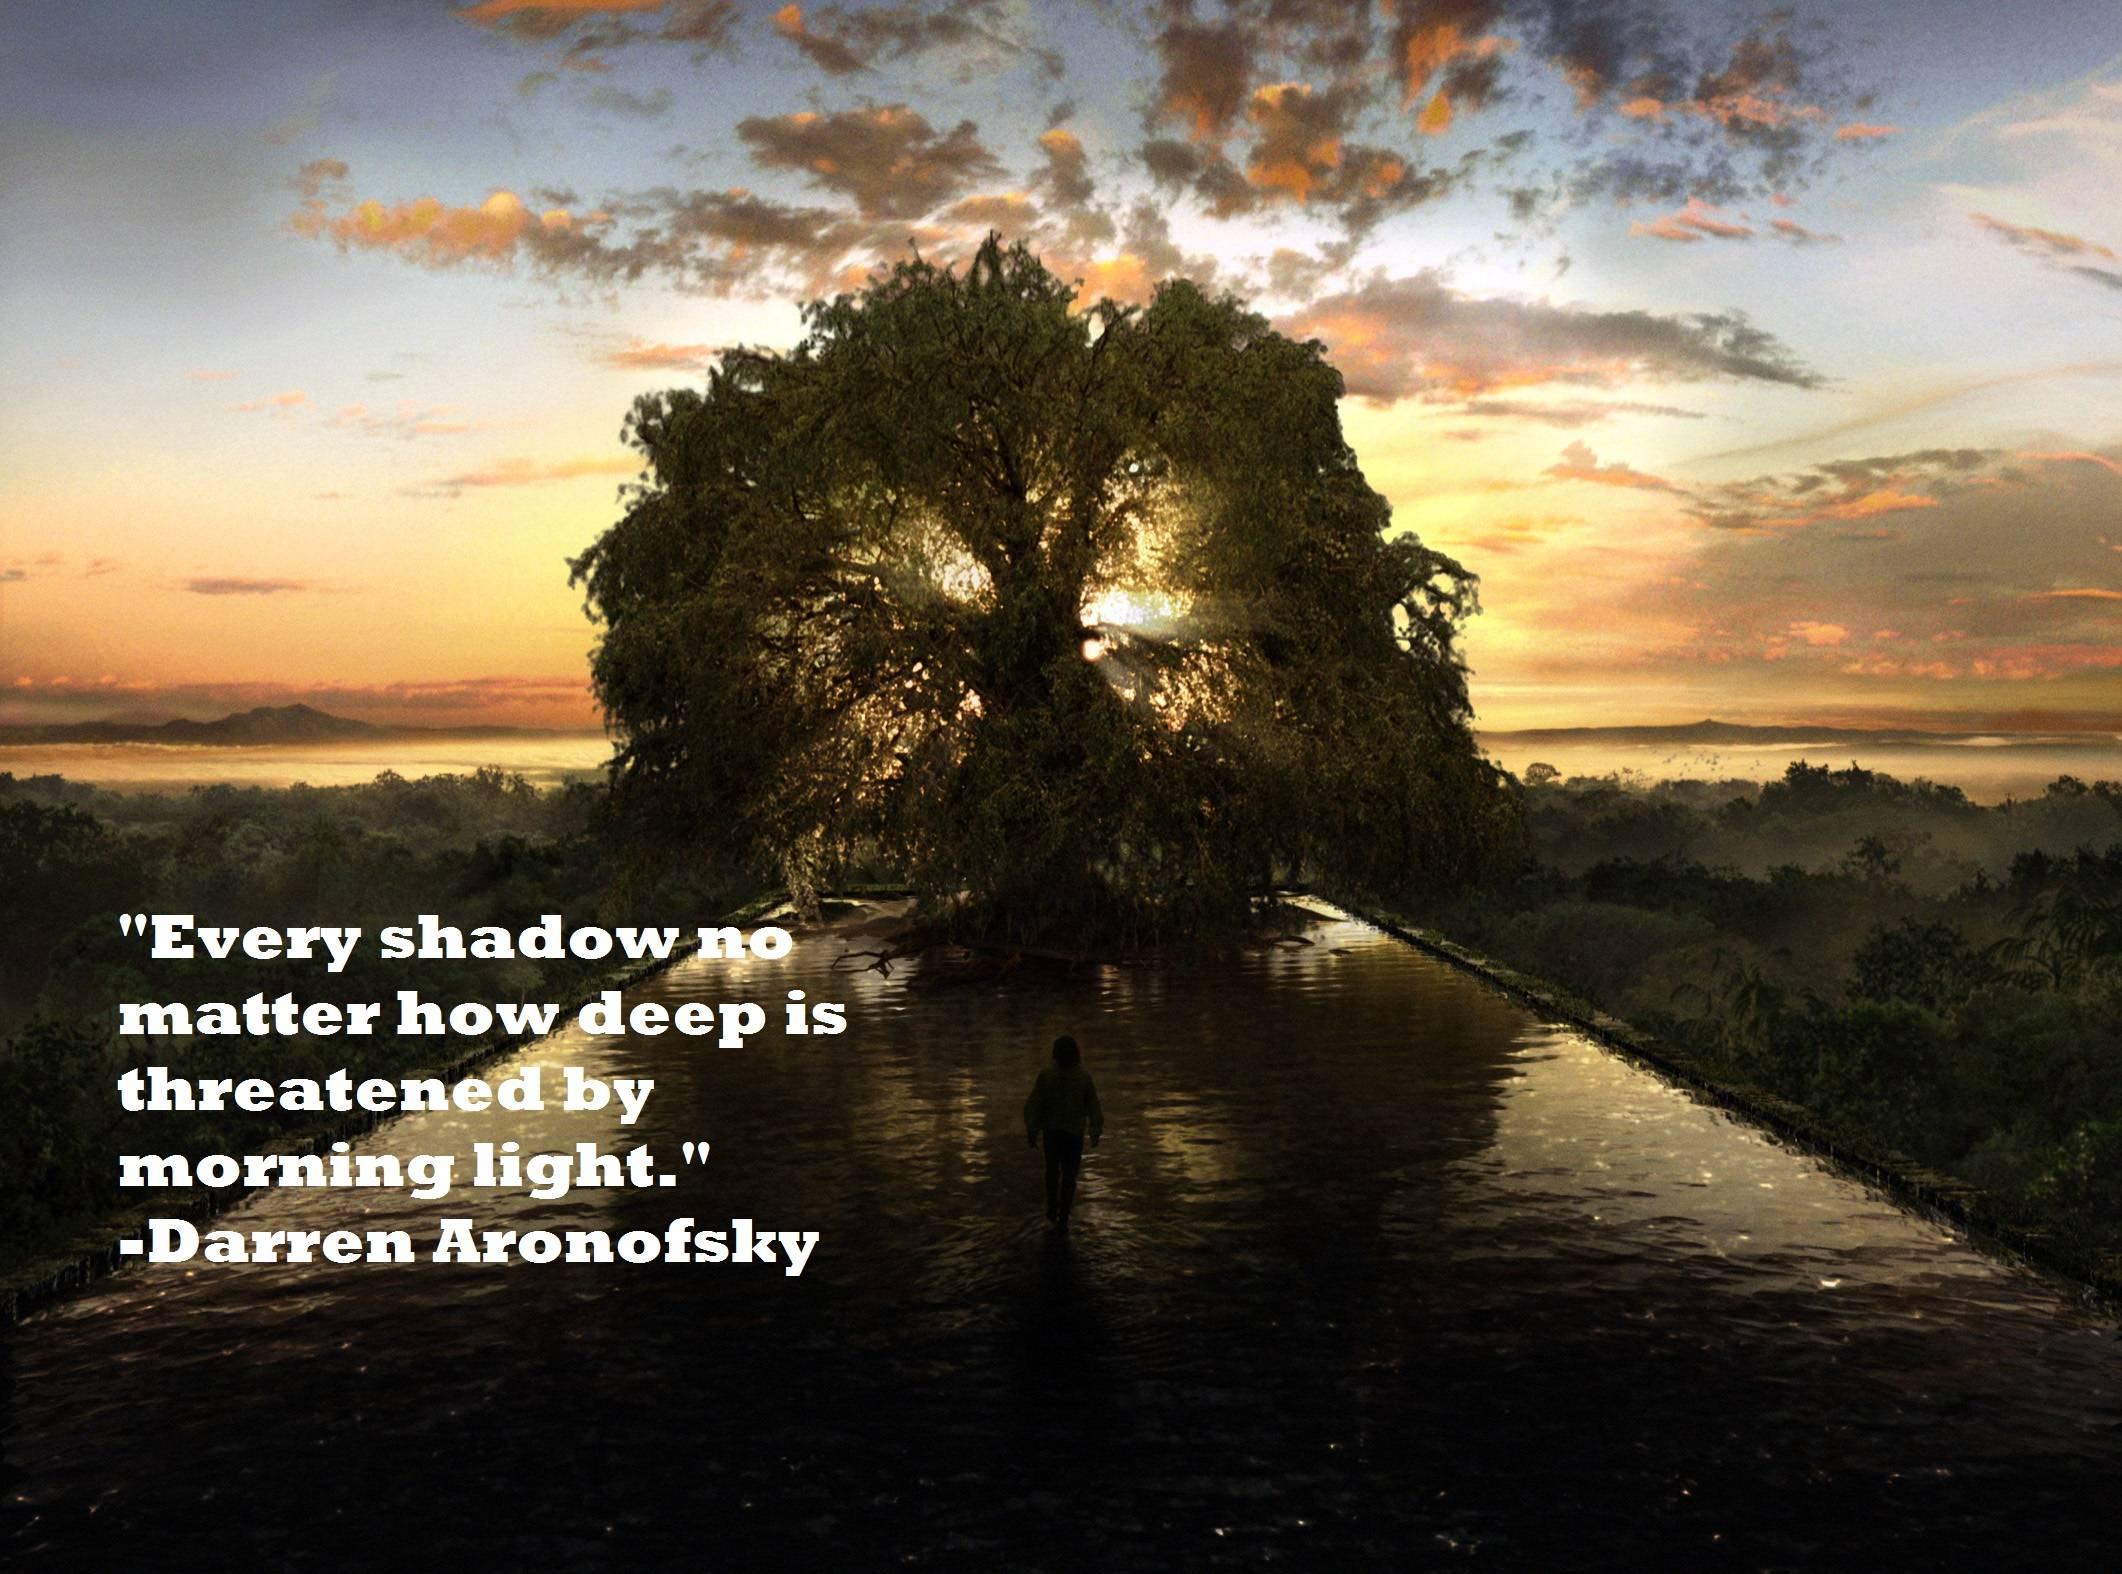 Darren Aronofsky's quote #6